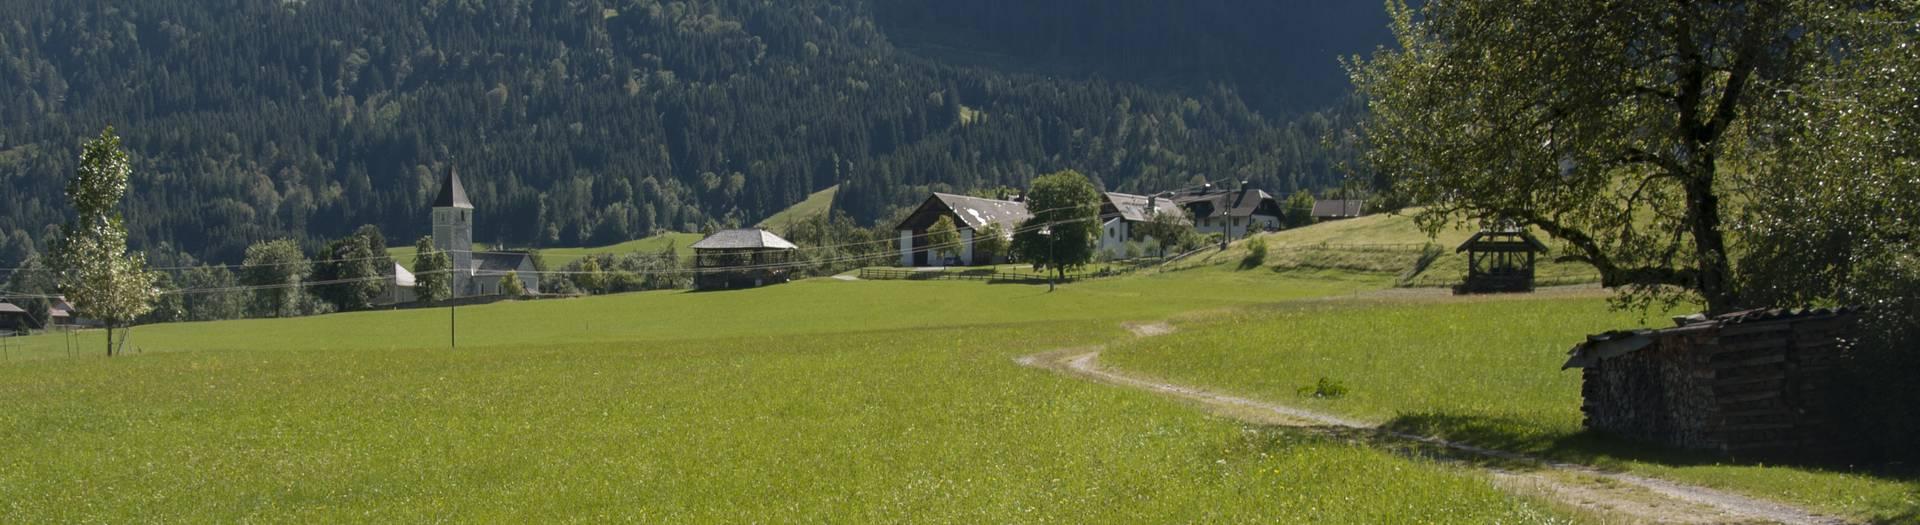 Naturlehrpfad Gösseringgraben im Gitschtal in der Naturarena Kärnten